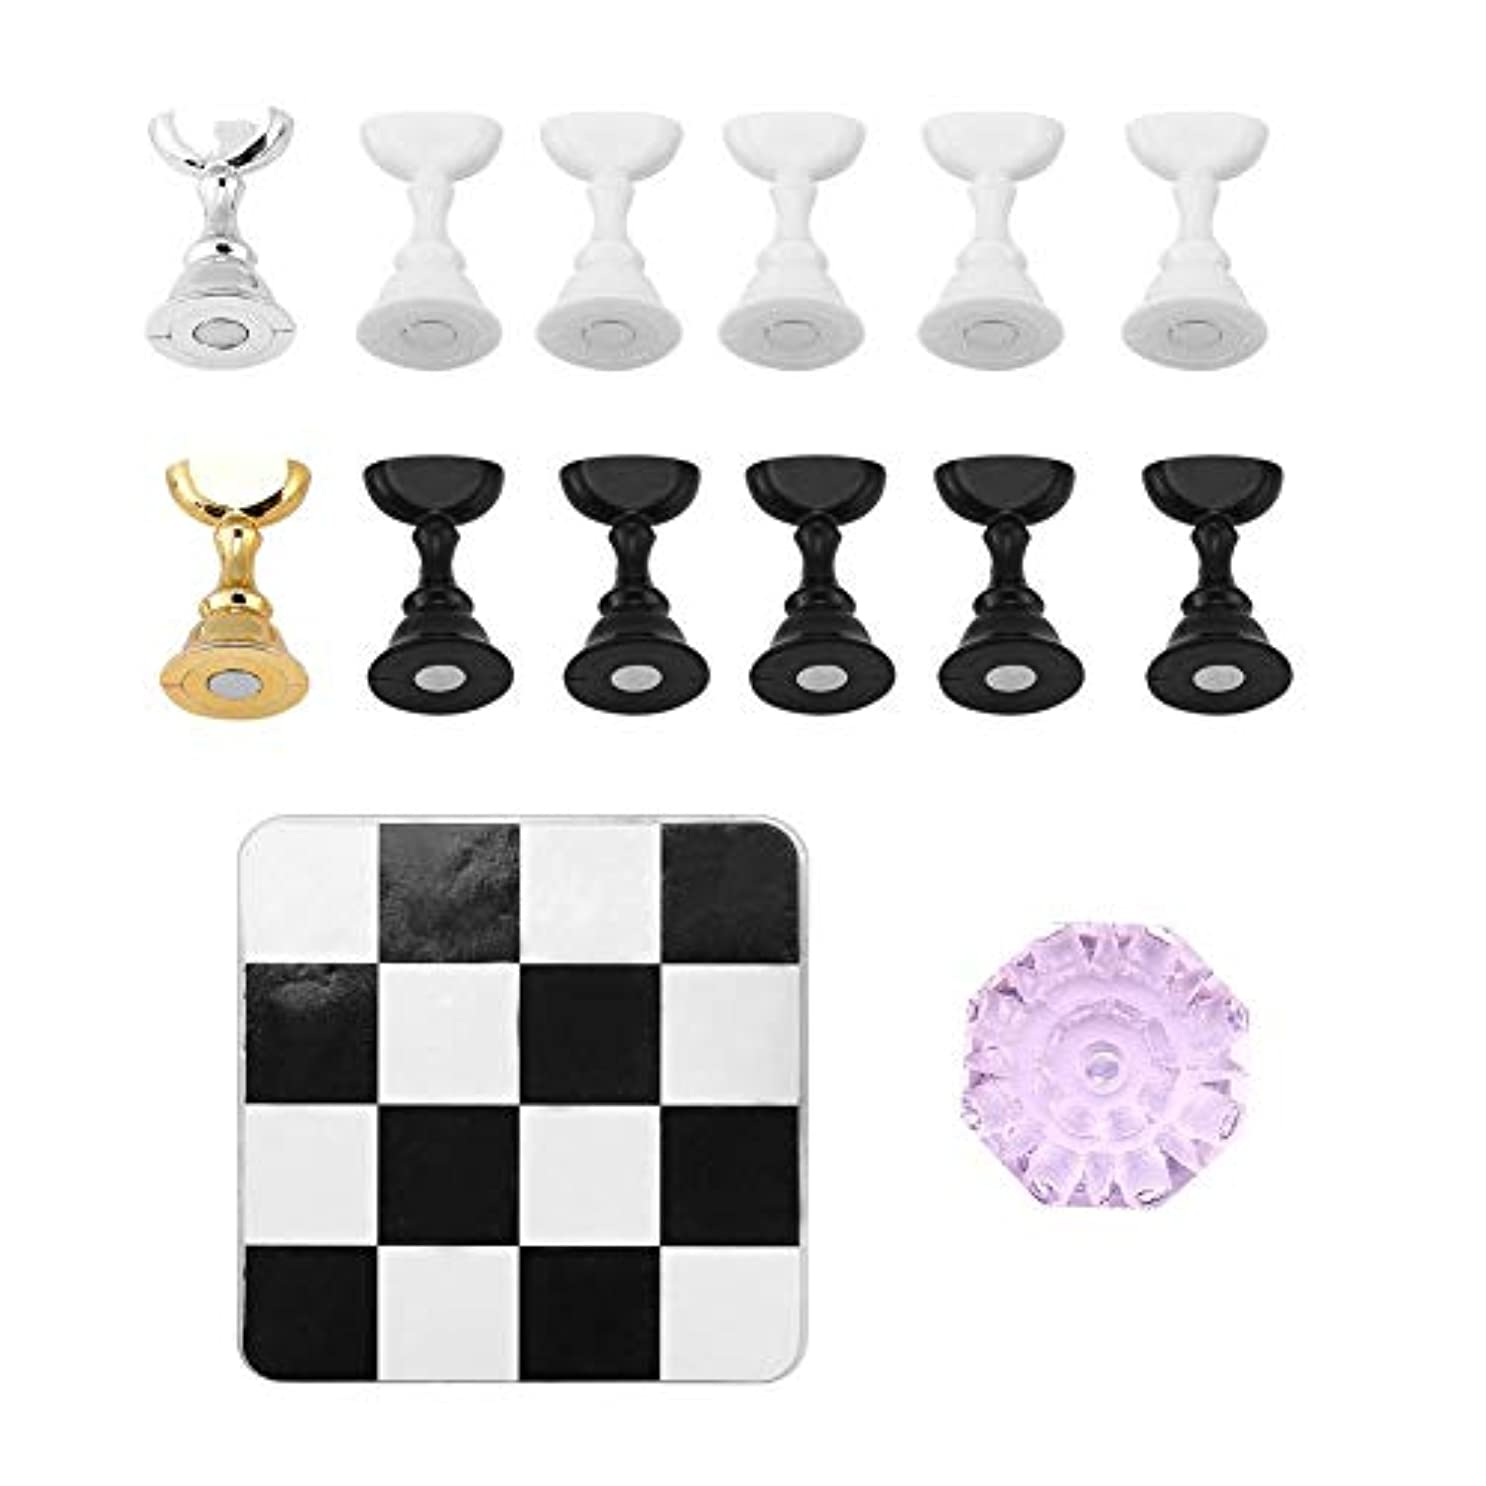 講師法医学本質的ではないTOPINCN チェス盤 磁気 ネイルアートディスプレイ ネイルスタンド ネイルホルダー 練習用スタンド クリスタルベース